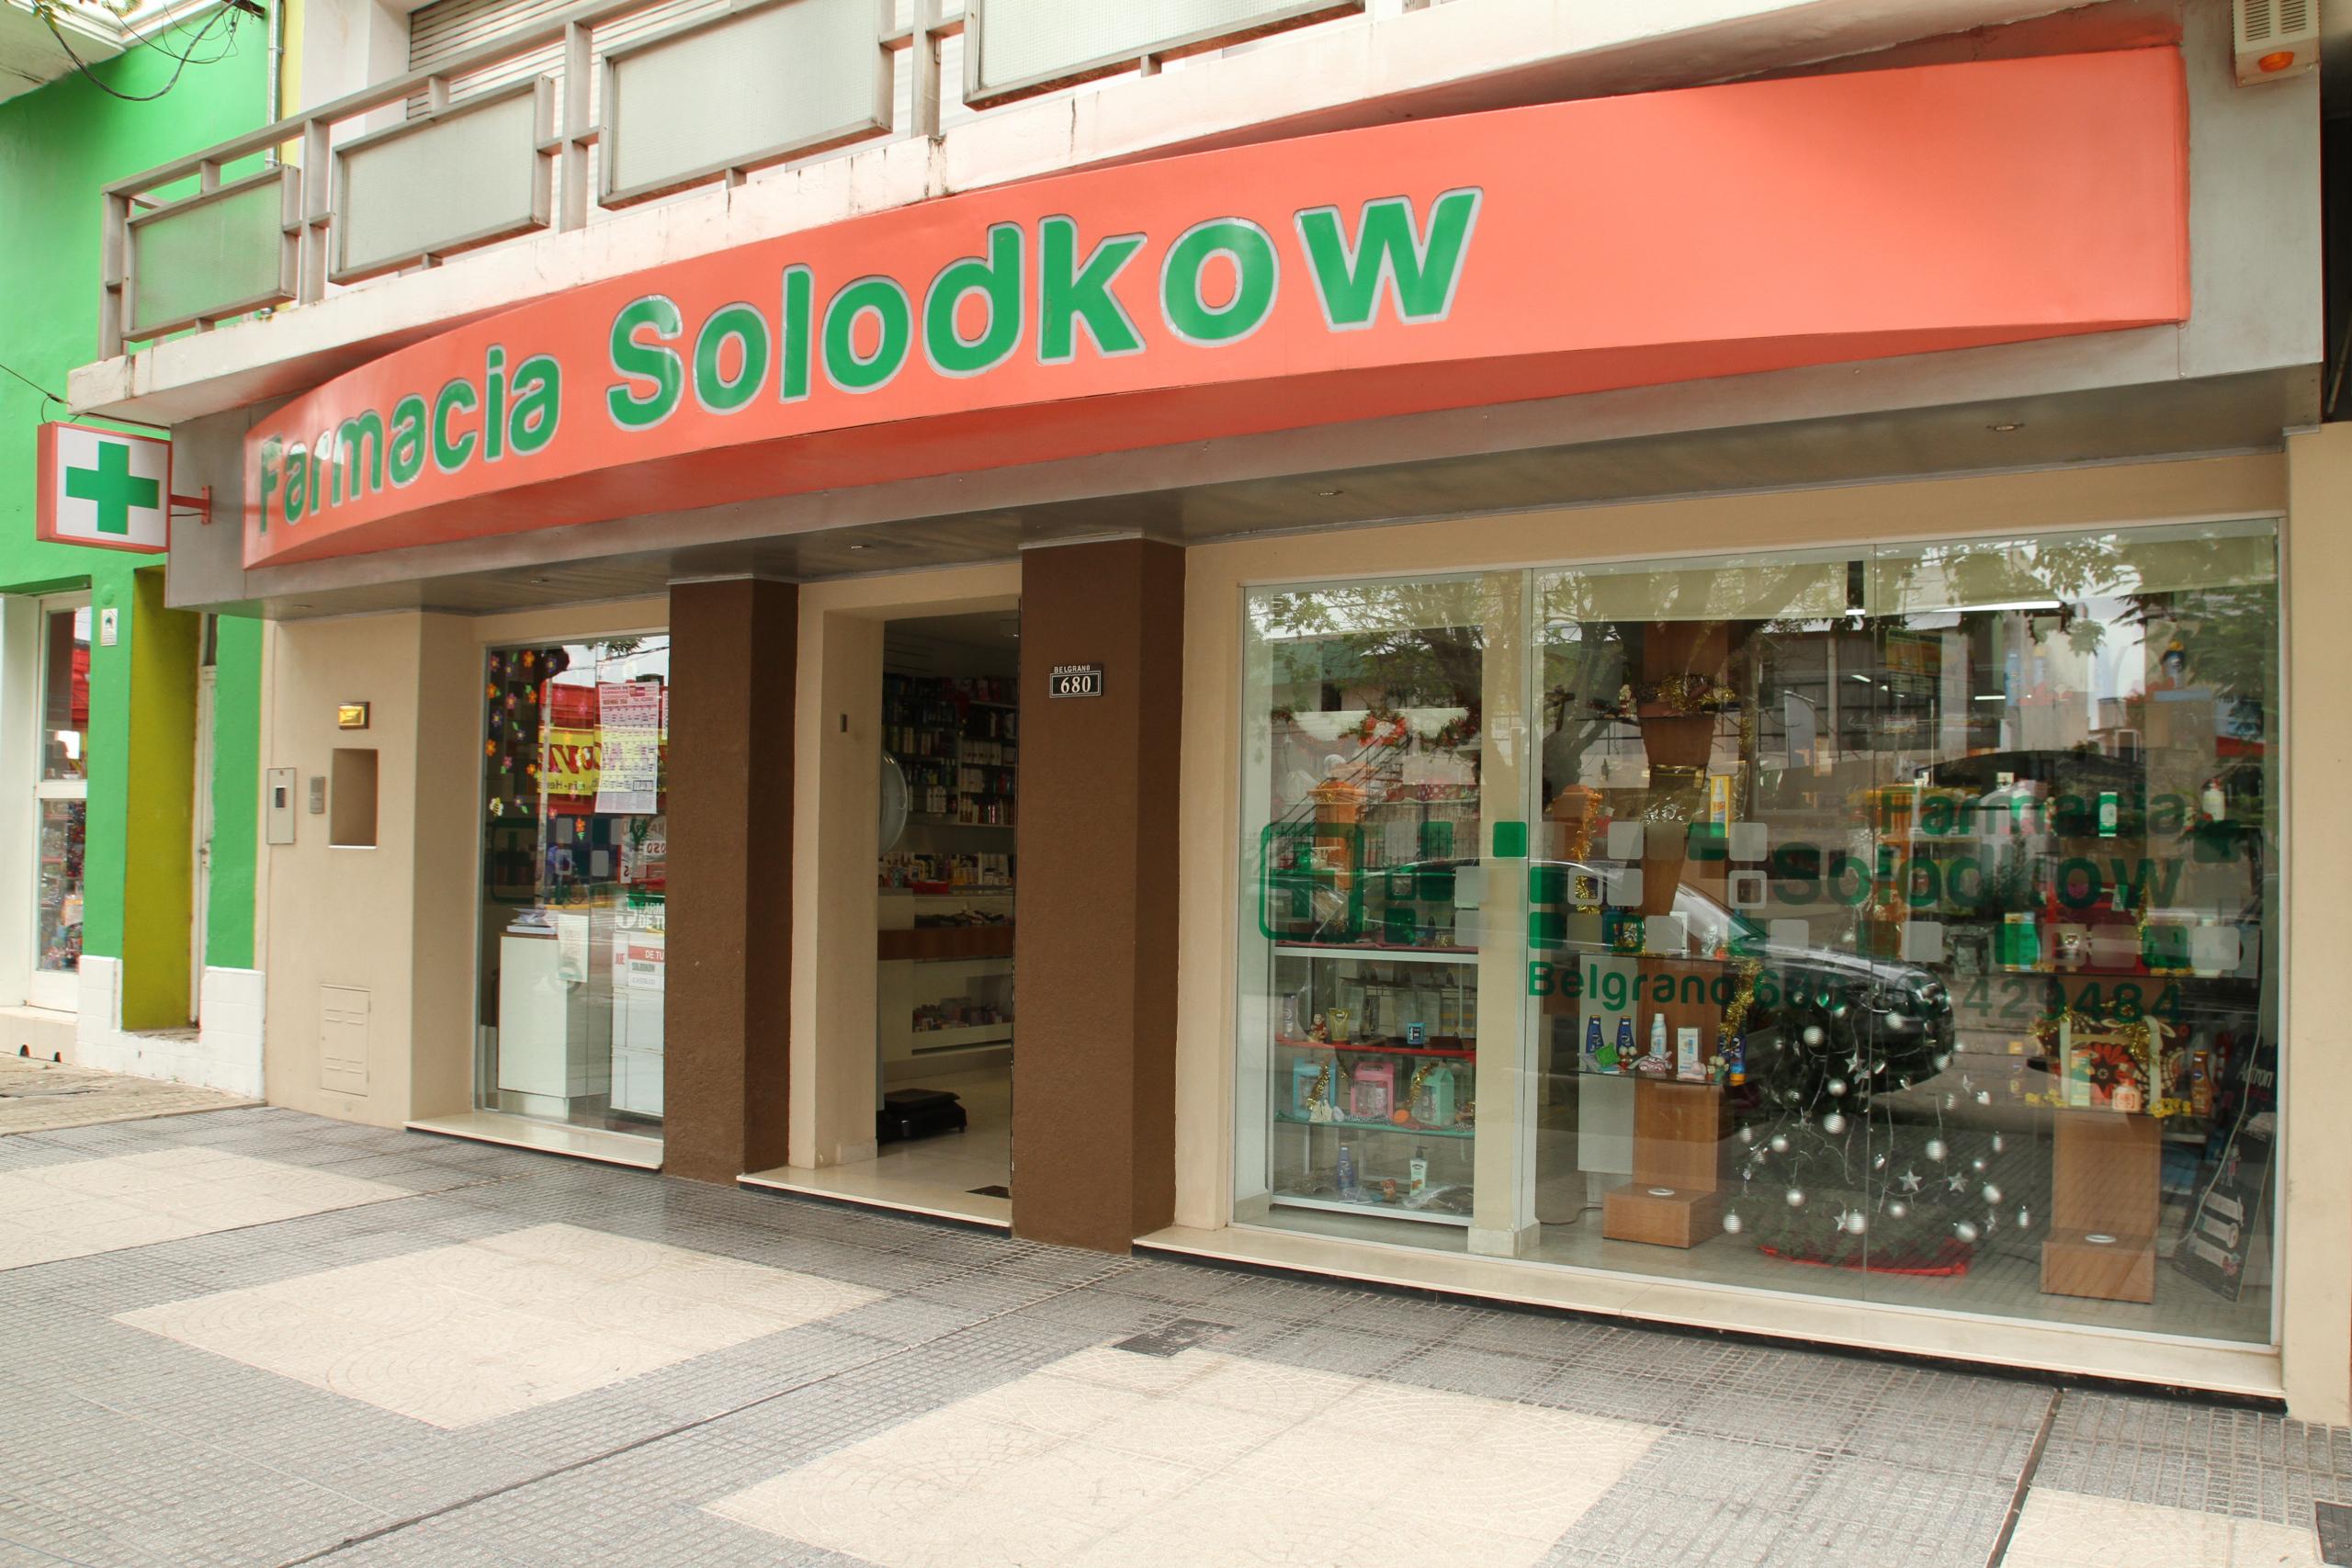 SOLODKOW